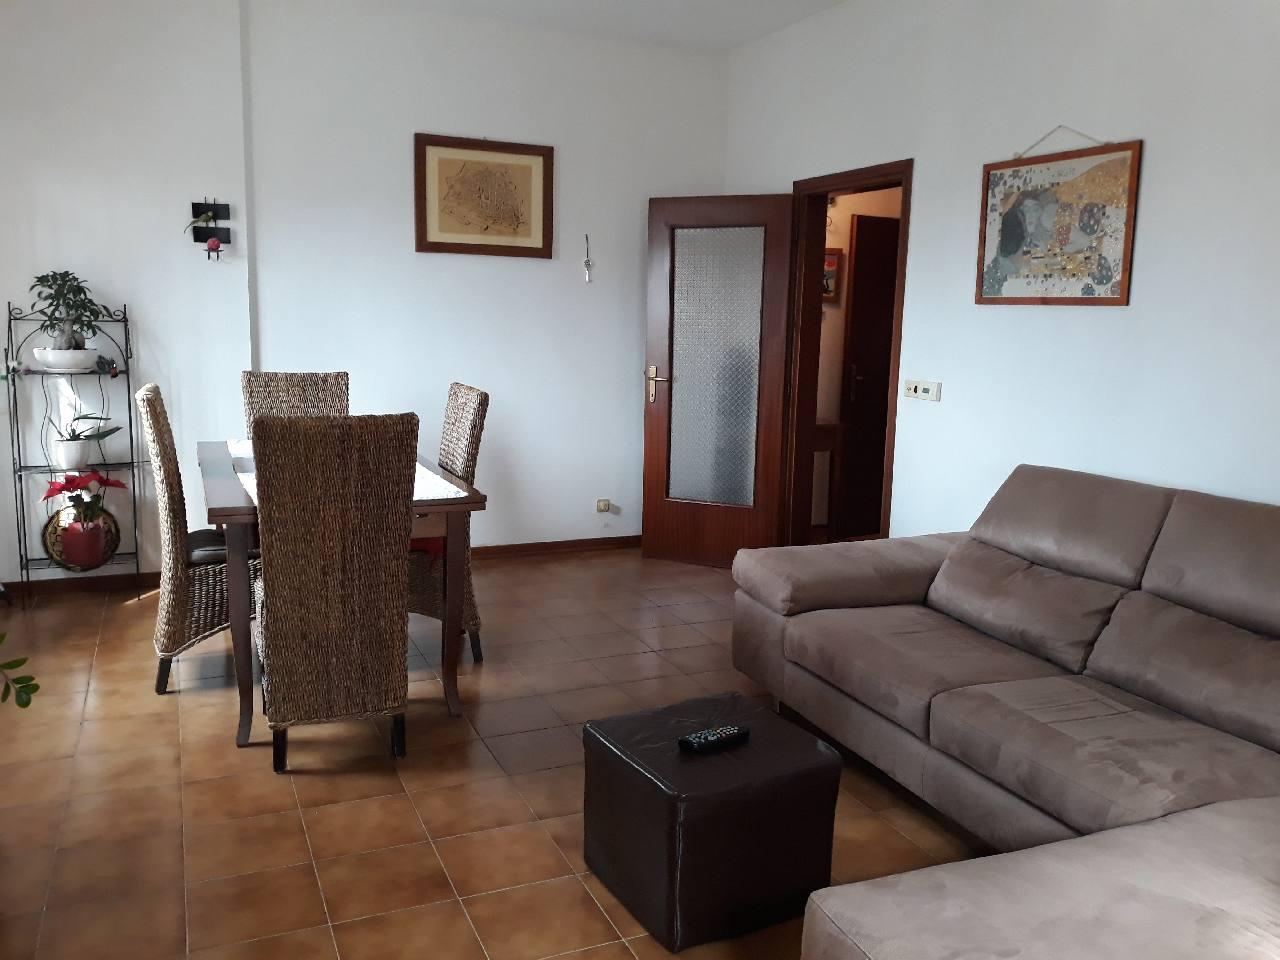 Villa Bifamiliare in Vendita a Masi Torello